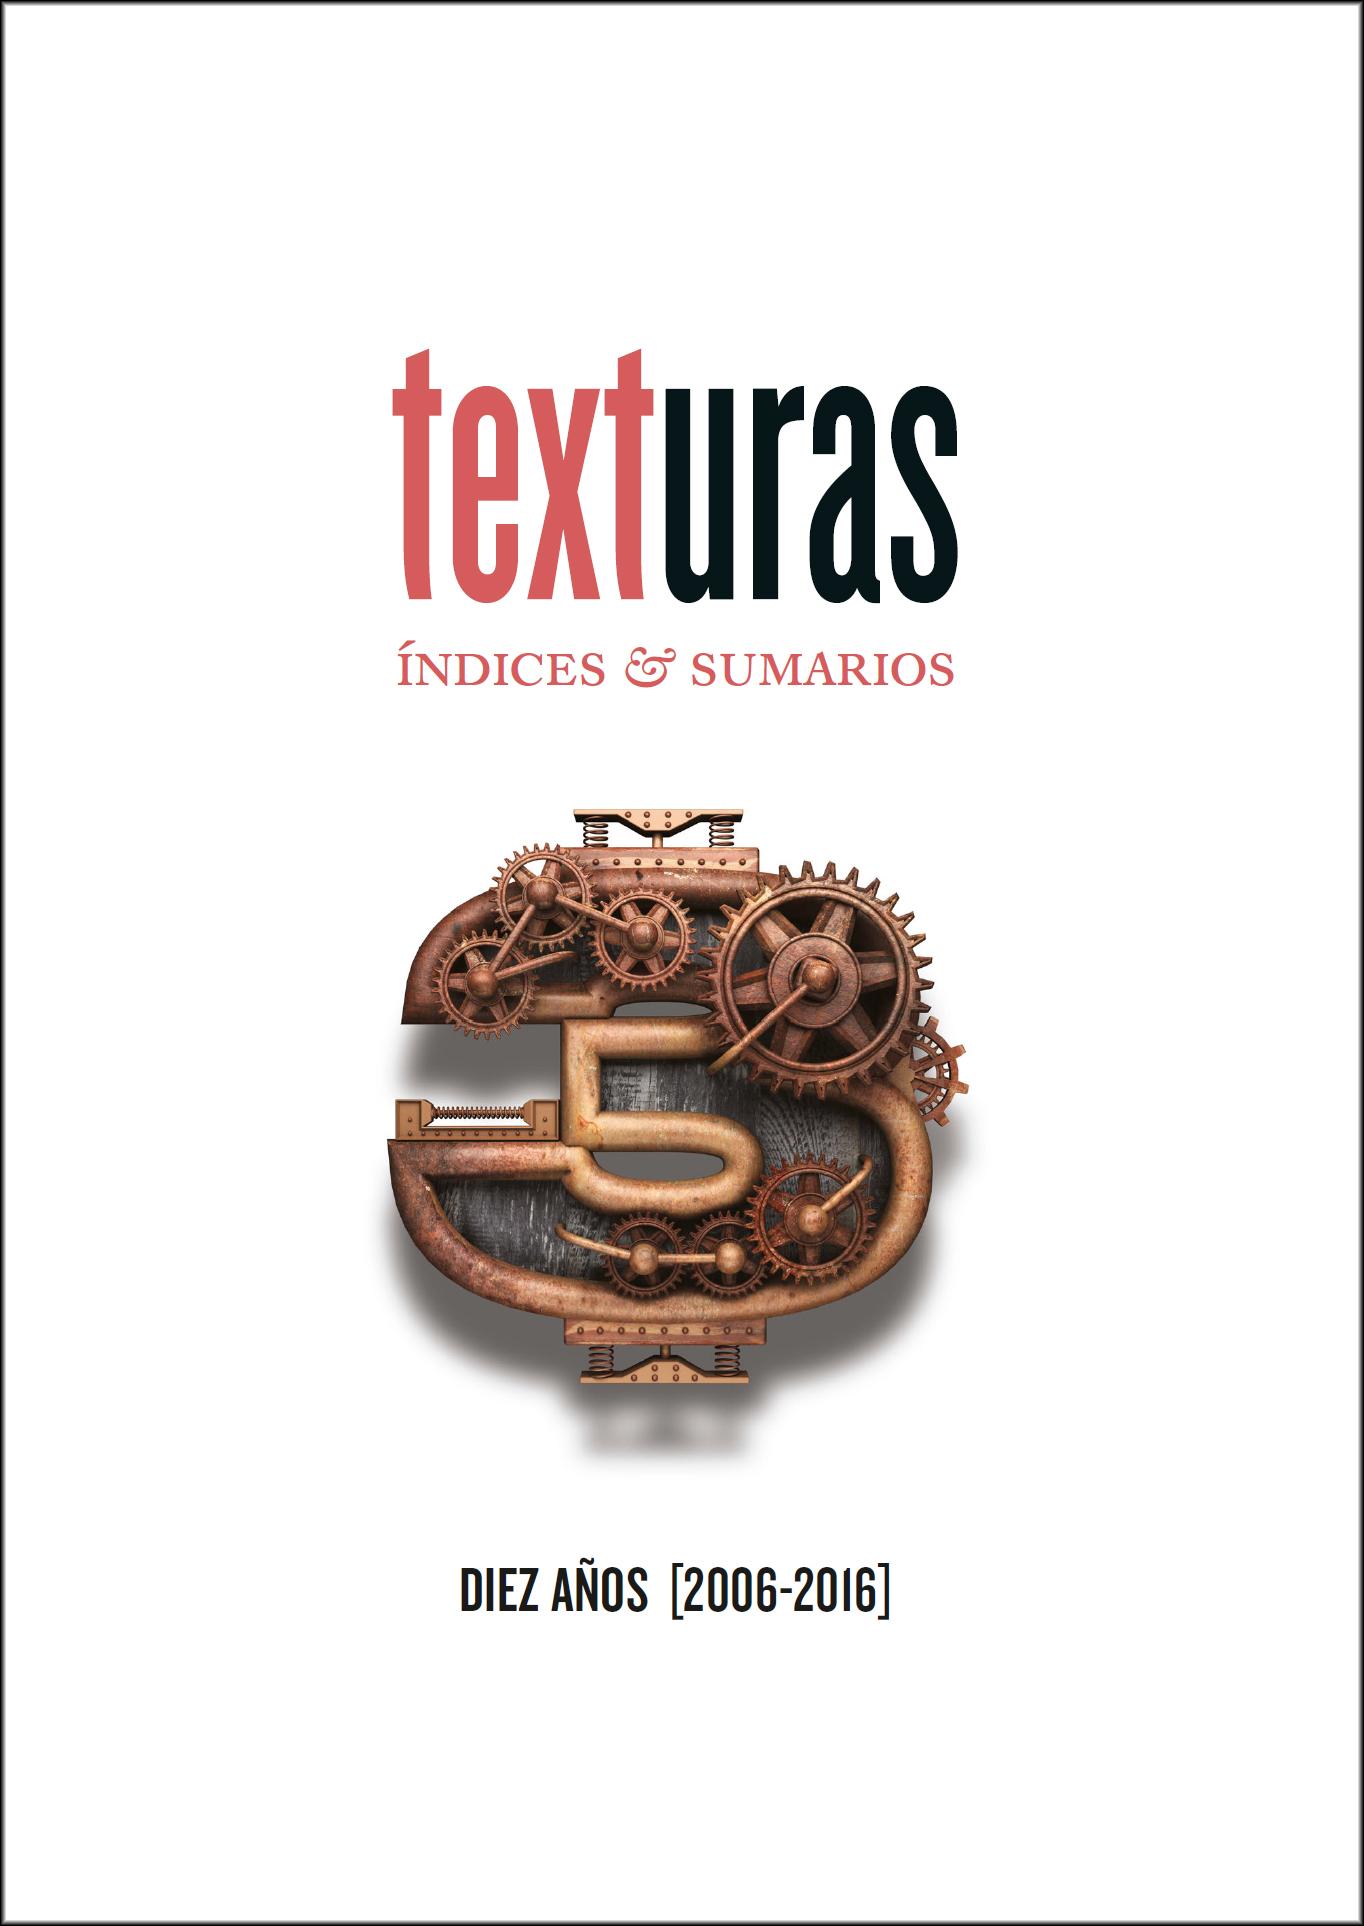 Texturas: 10 años, 30 números. Índices cronológico, temático y onomástico